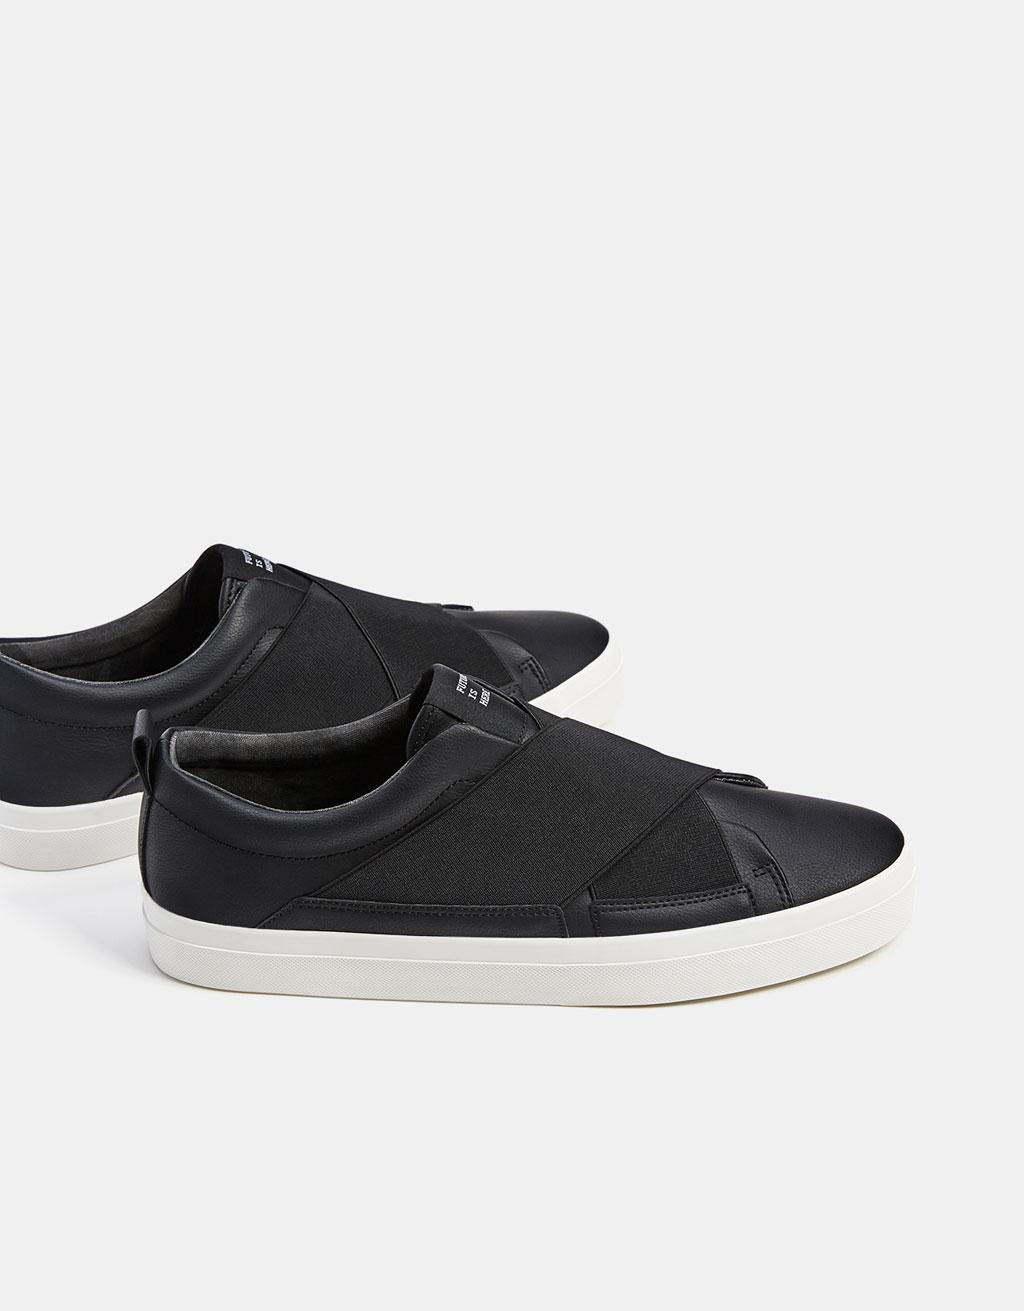 Men's no-lace elastic sneakers